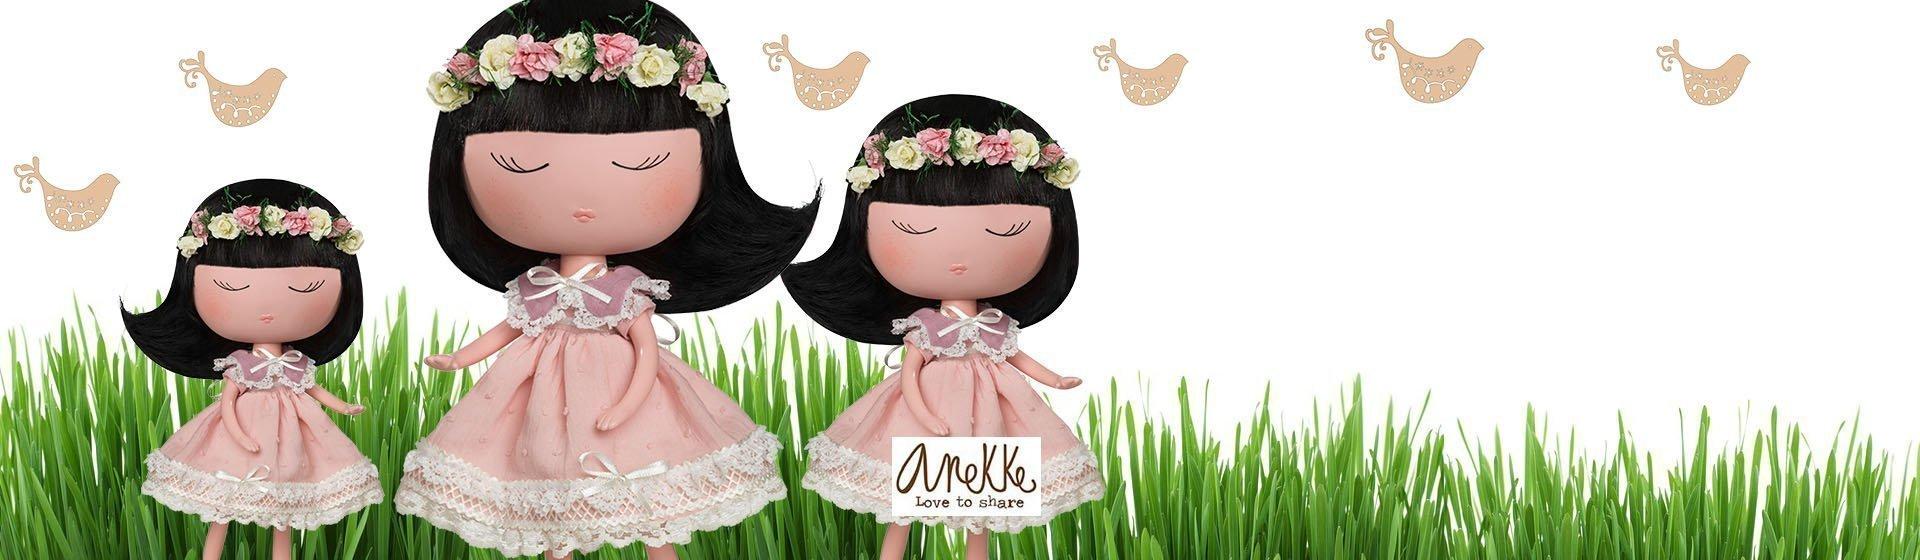 Anekke Dolls